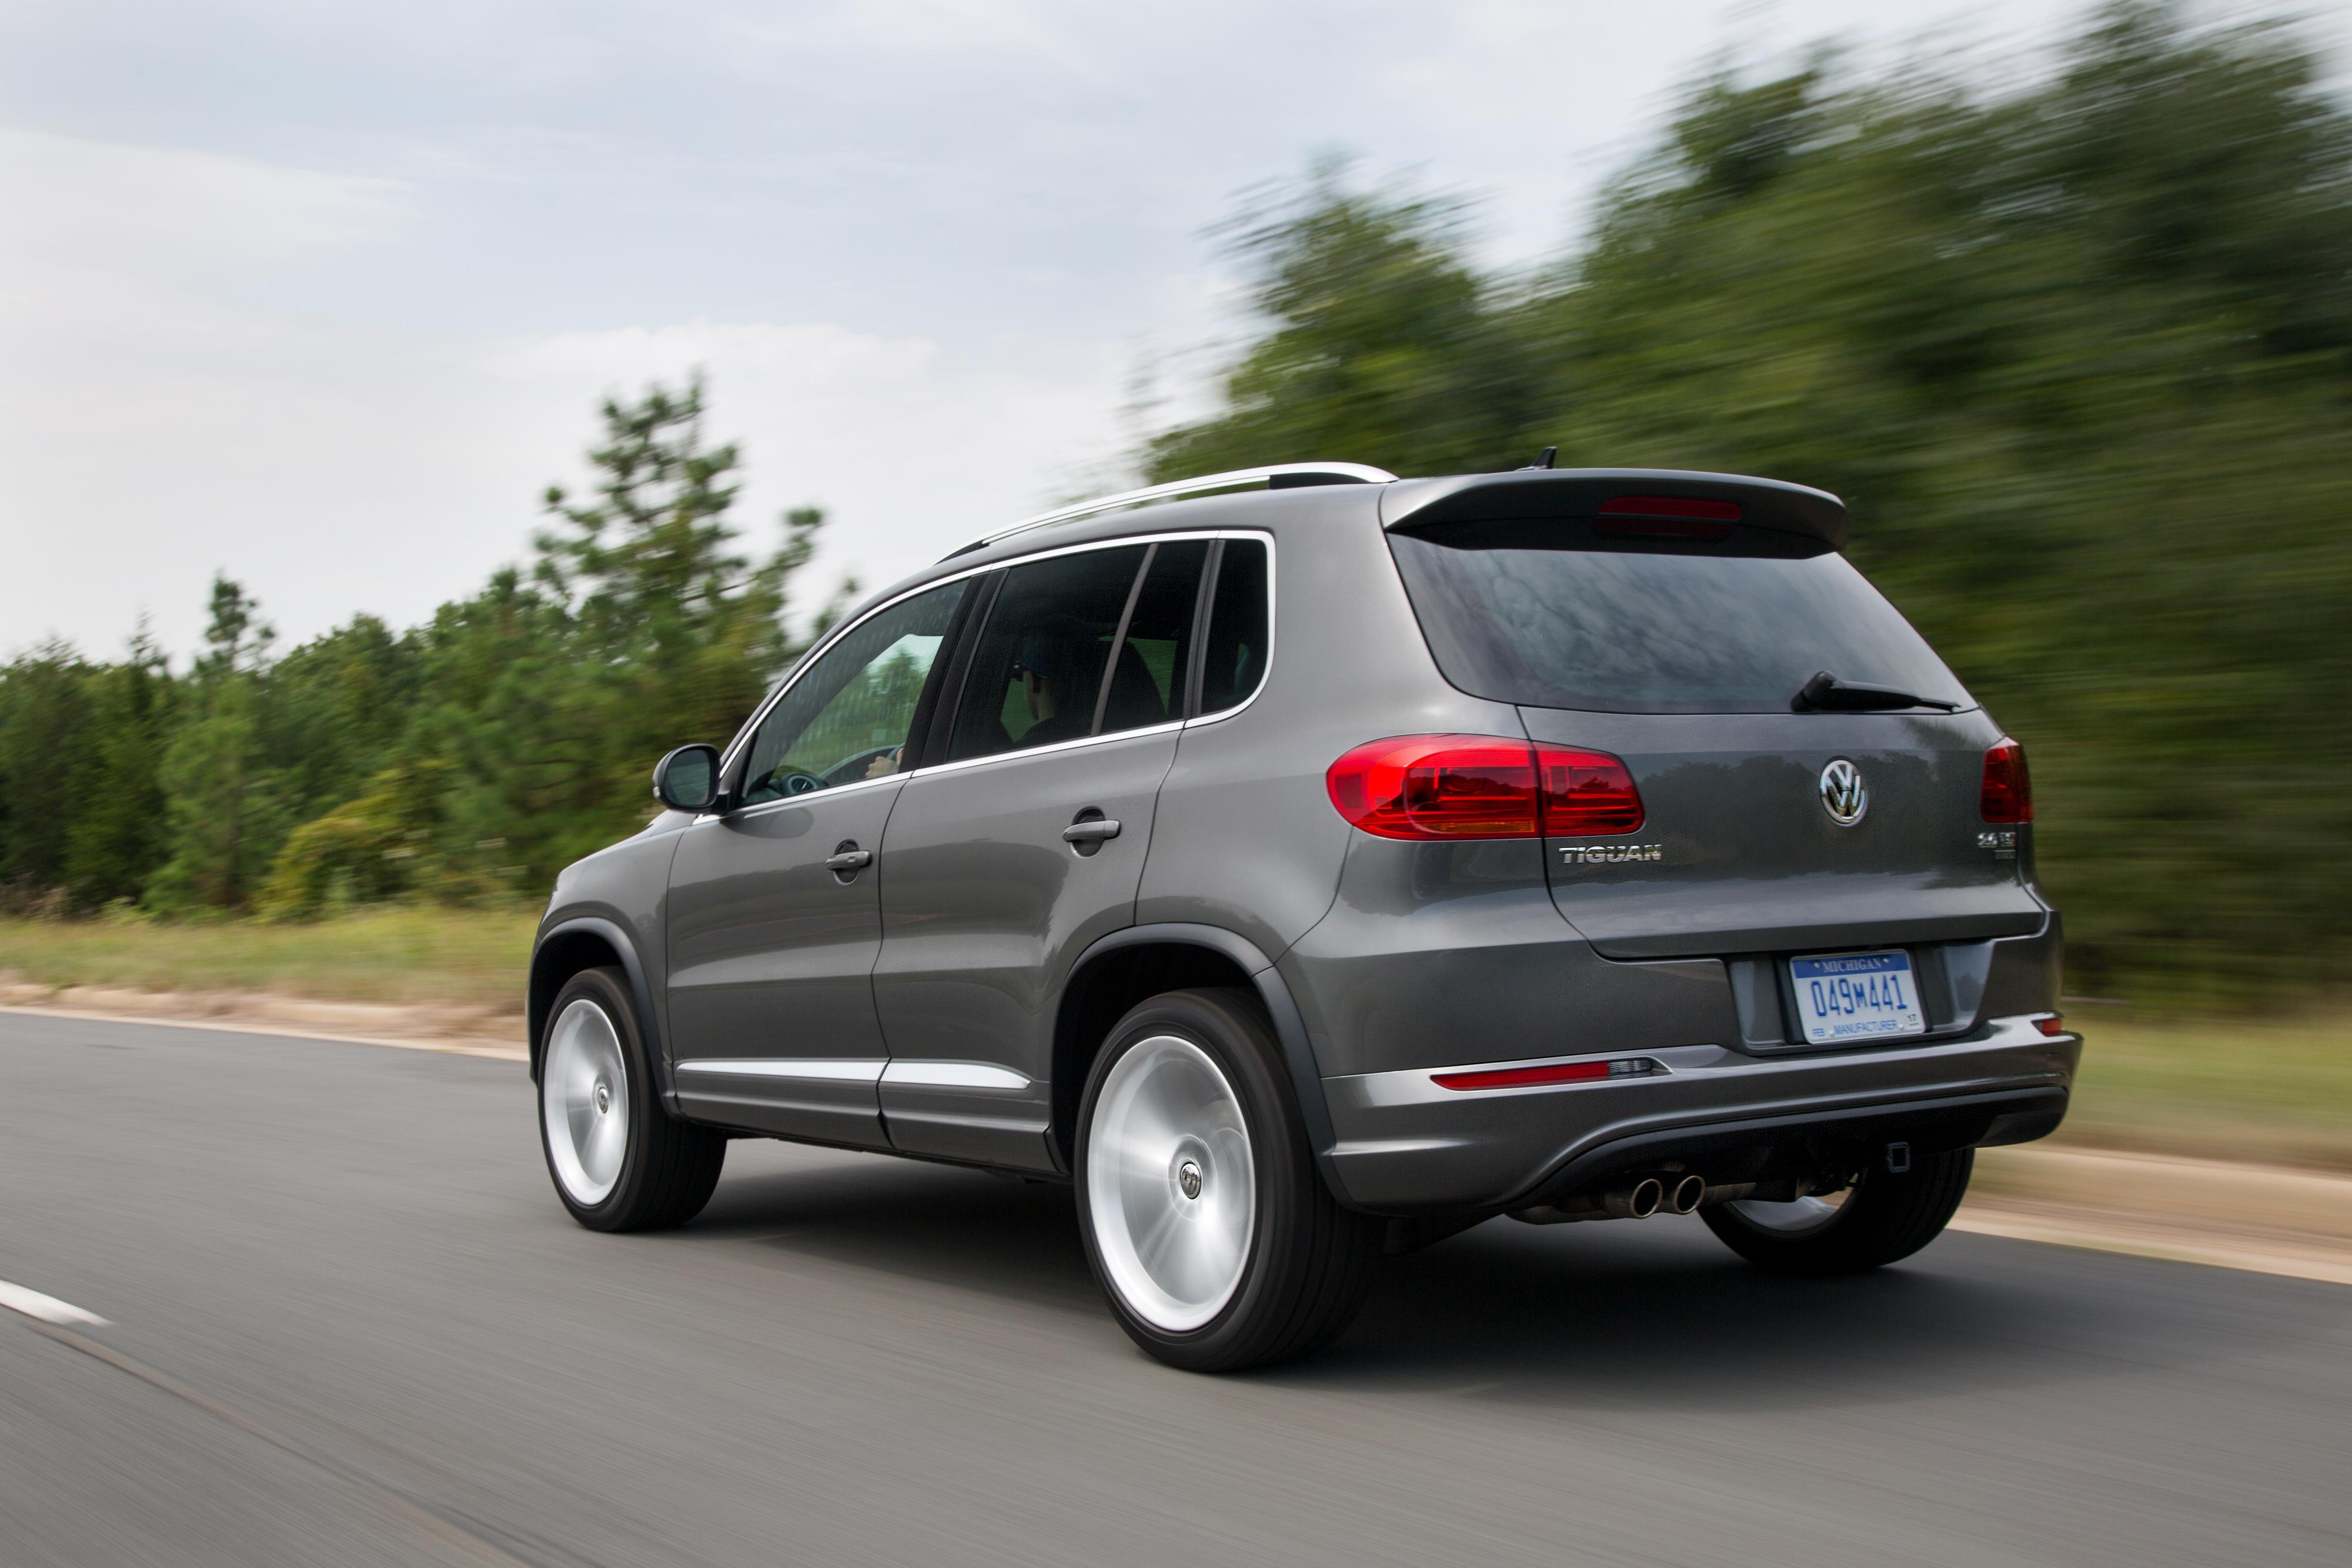 2015 volkswagen tiguan: putting the 'sport' in suv - Volkswagen Media Site